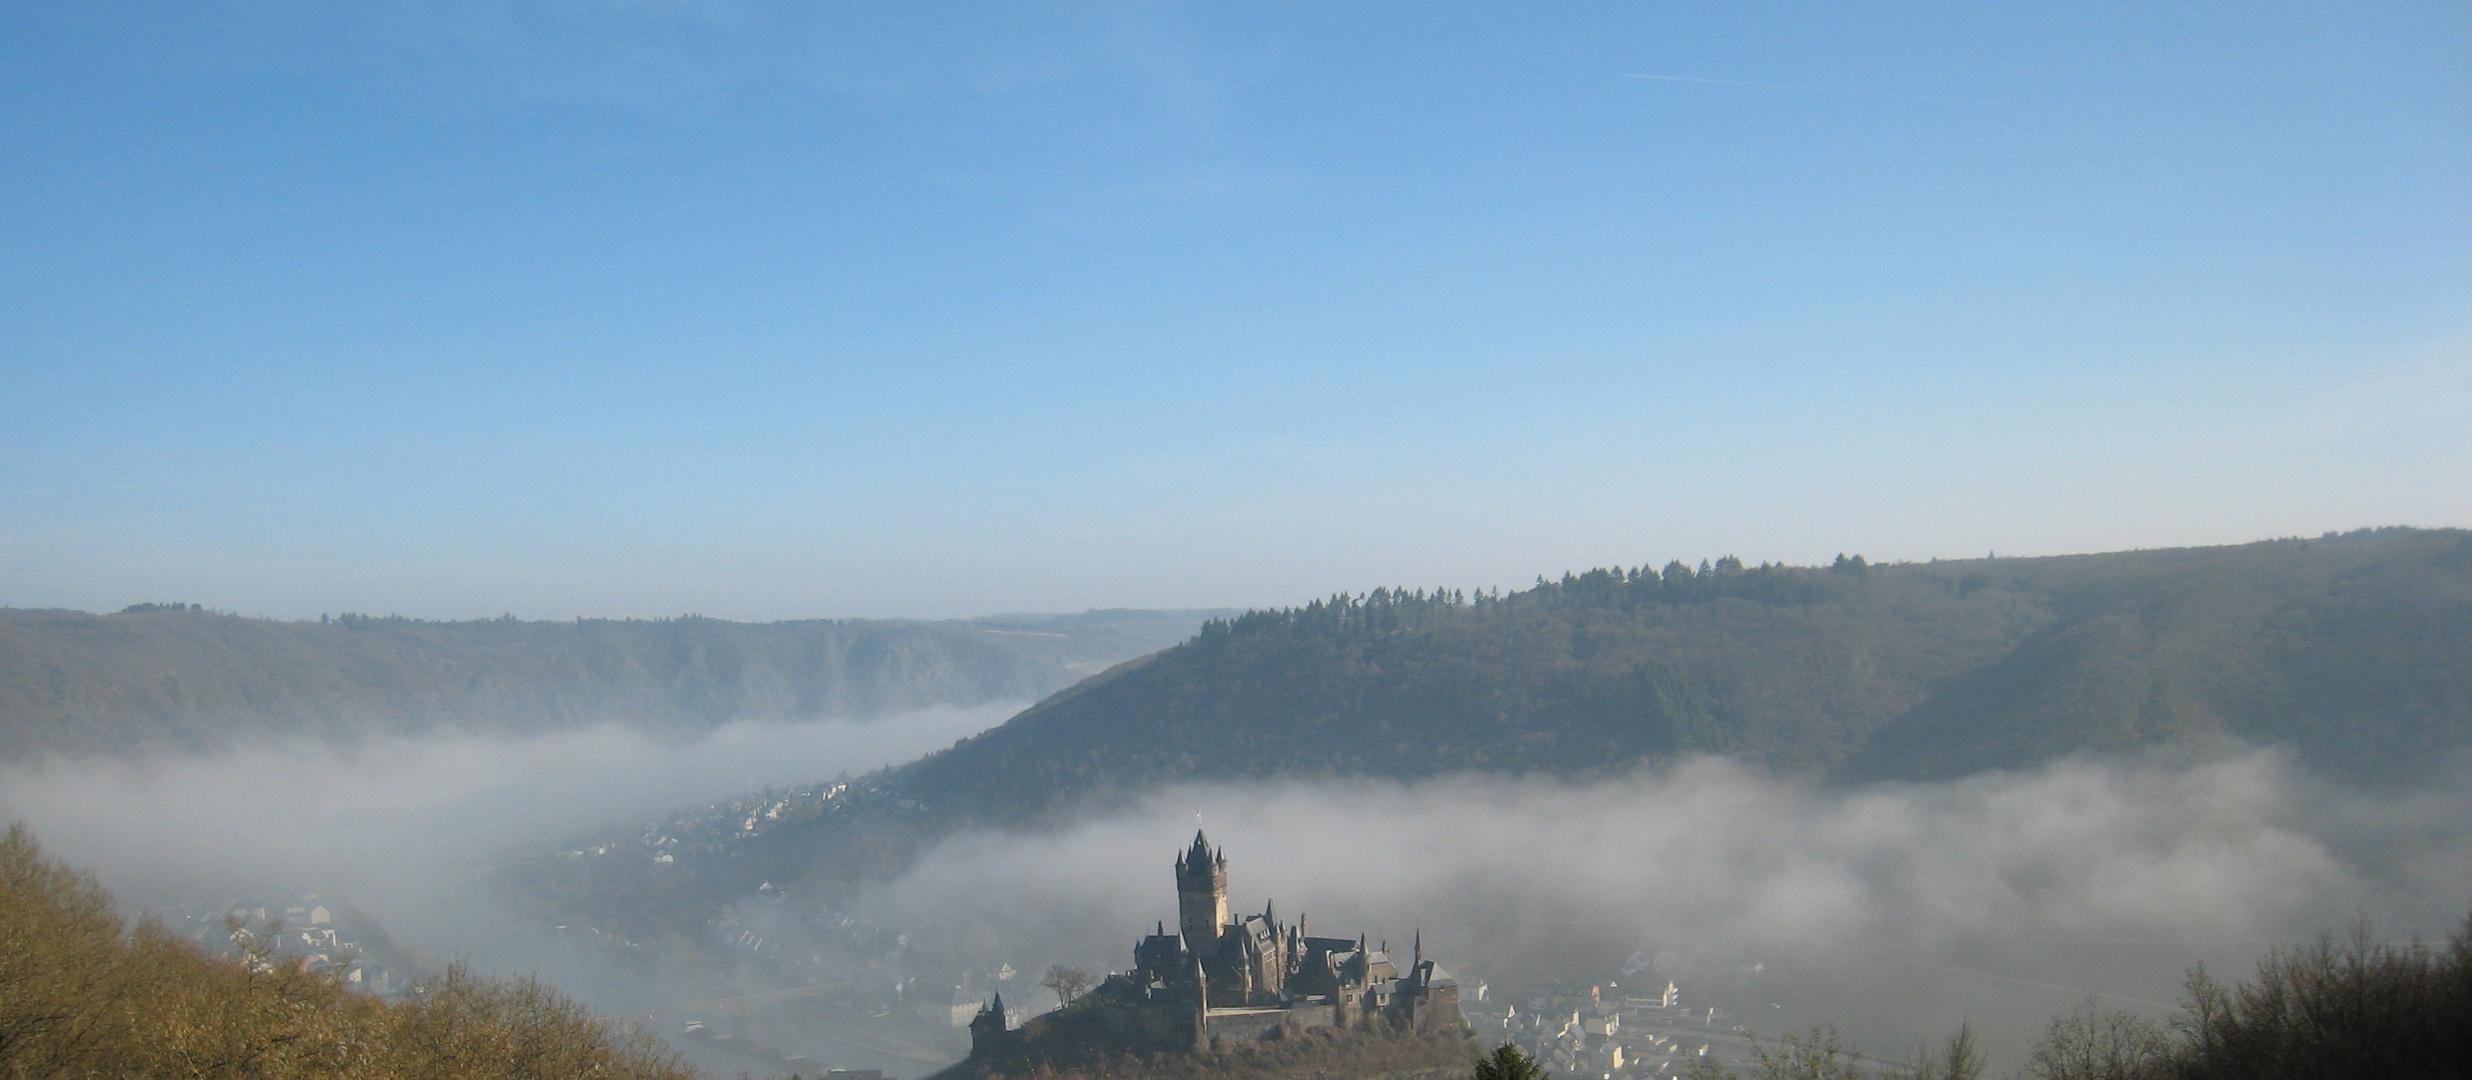 Cochemer Burg ragt aus dem Nebel